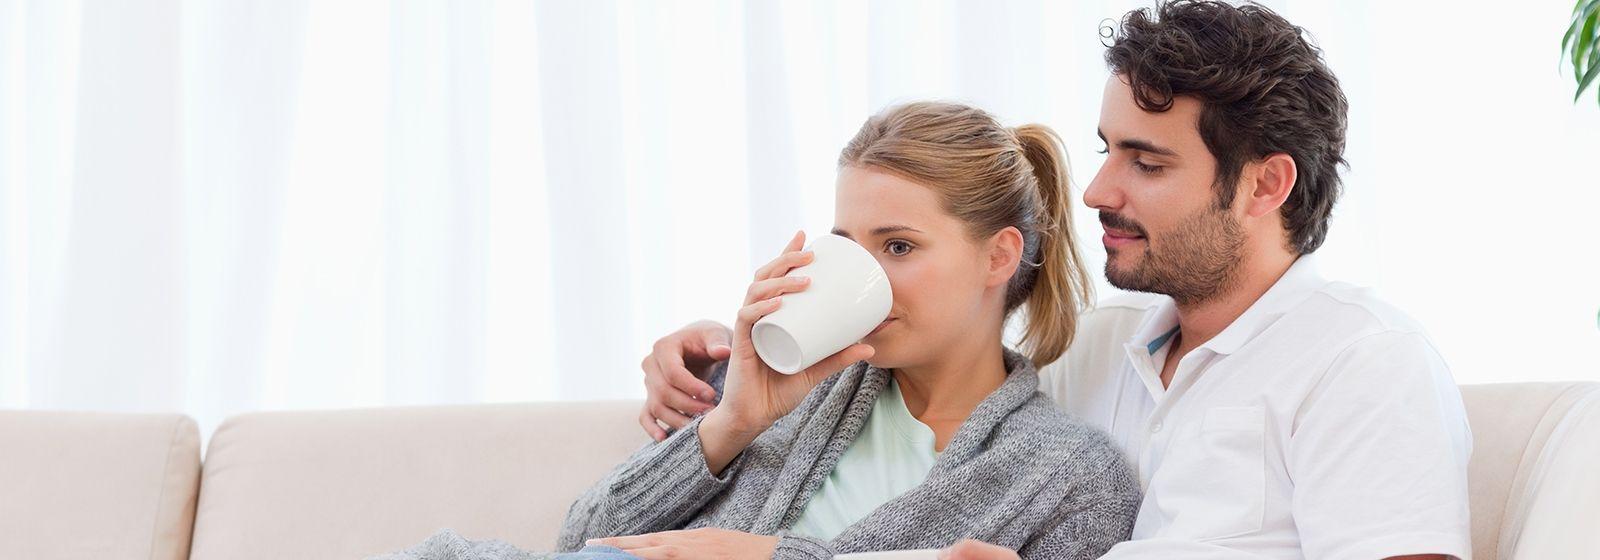 couple-drinking-tea